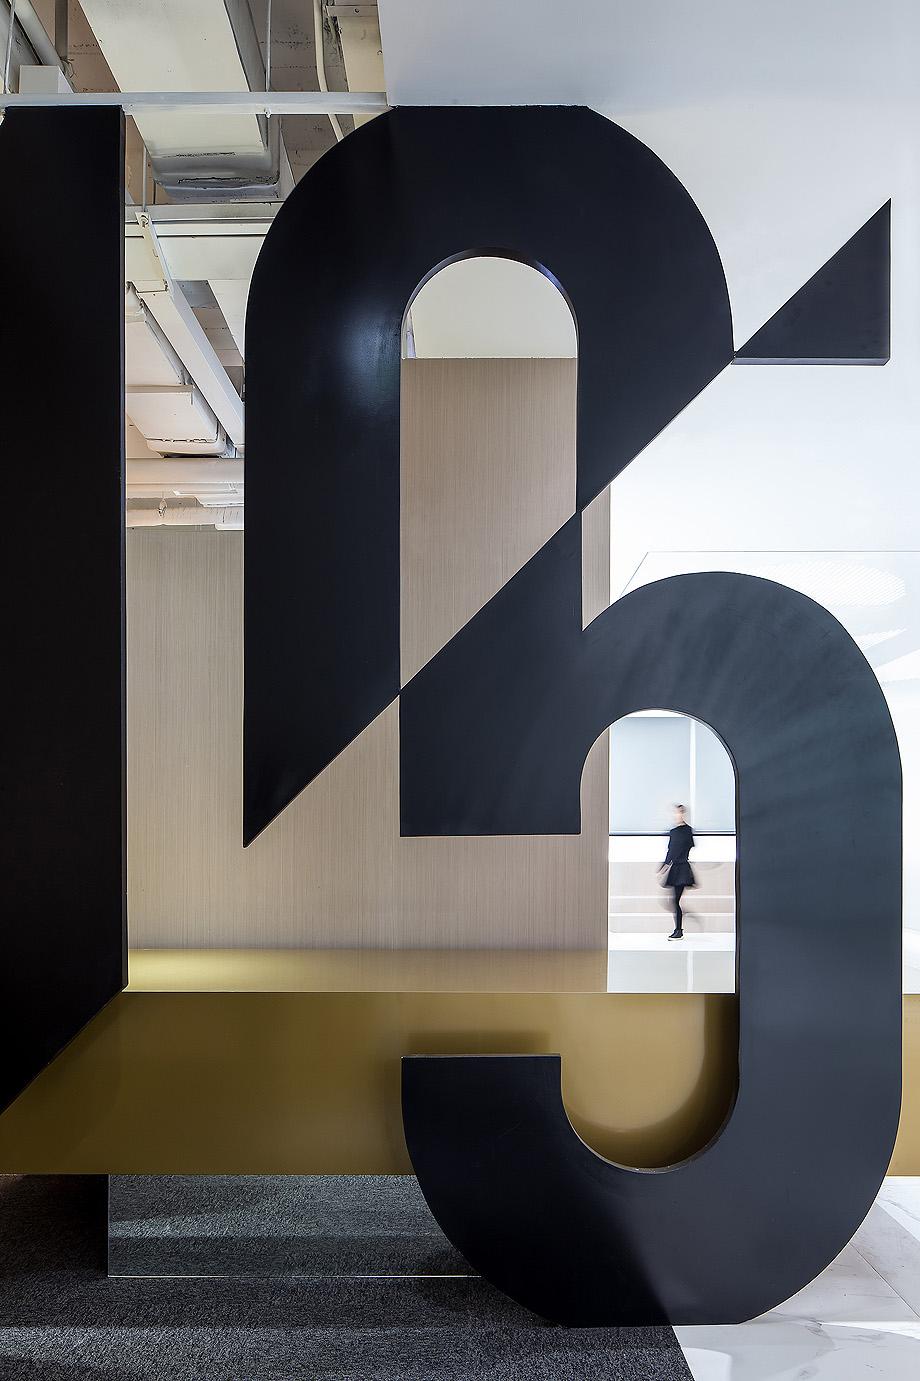 oficinas de diseño ambiental de shiyue media por cun design (10)